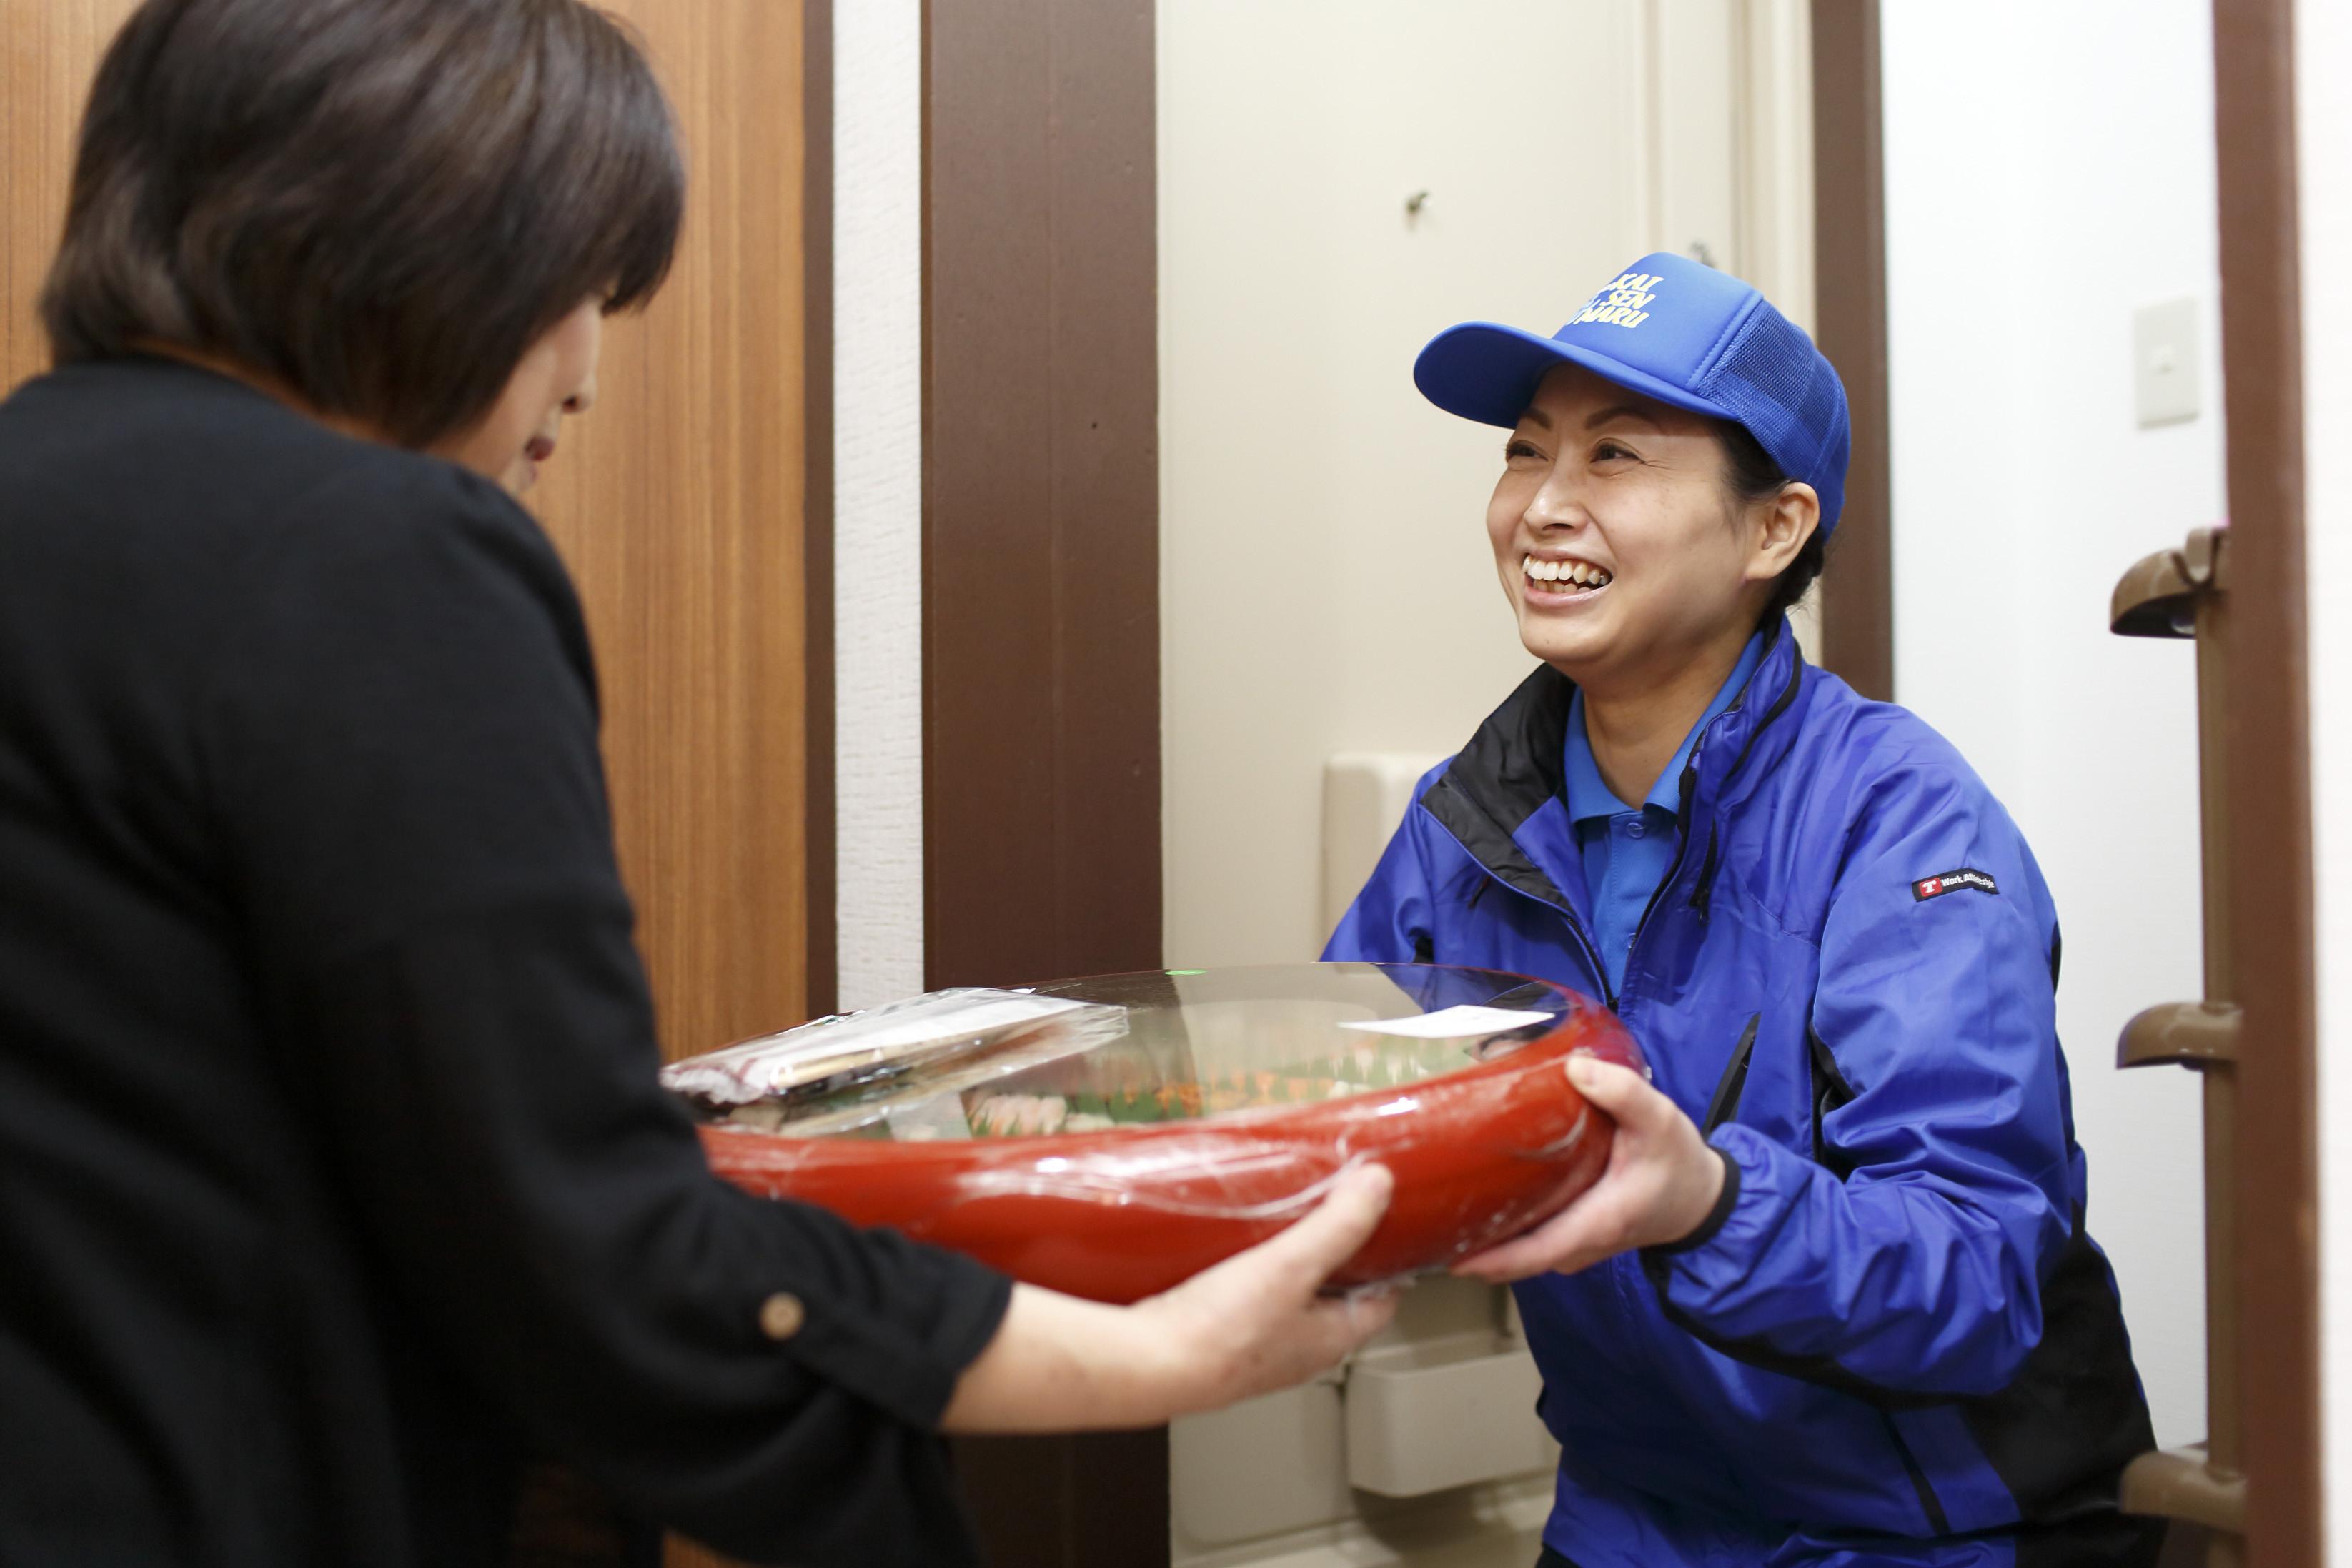 札幌海鮮丸 深川店 デリバリー(配達)スタッフのアルバイト情報